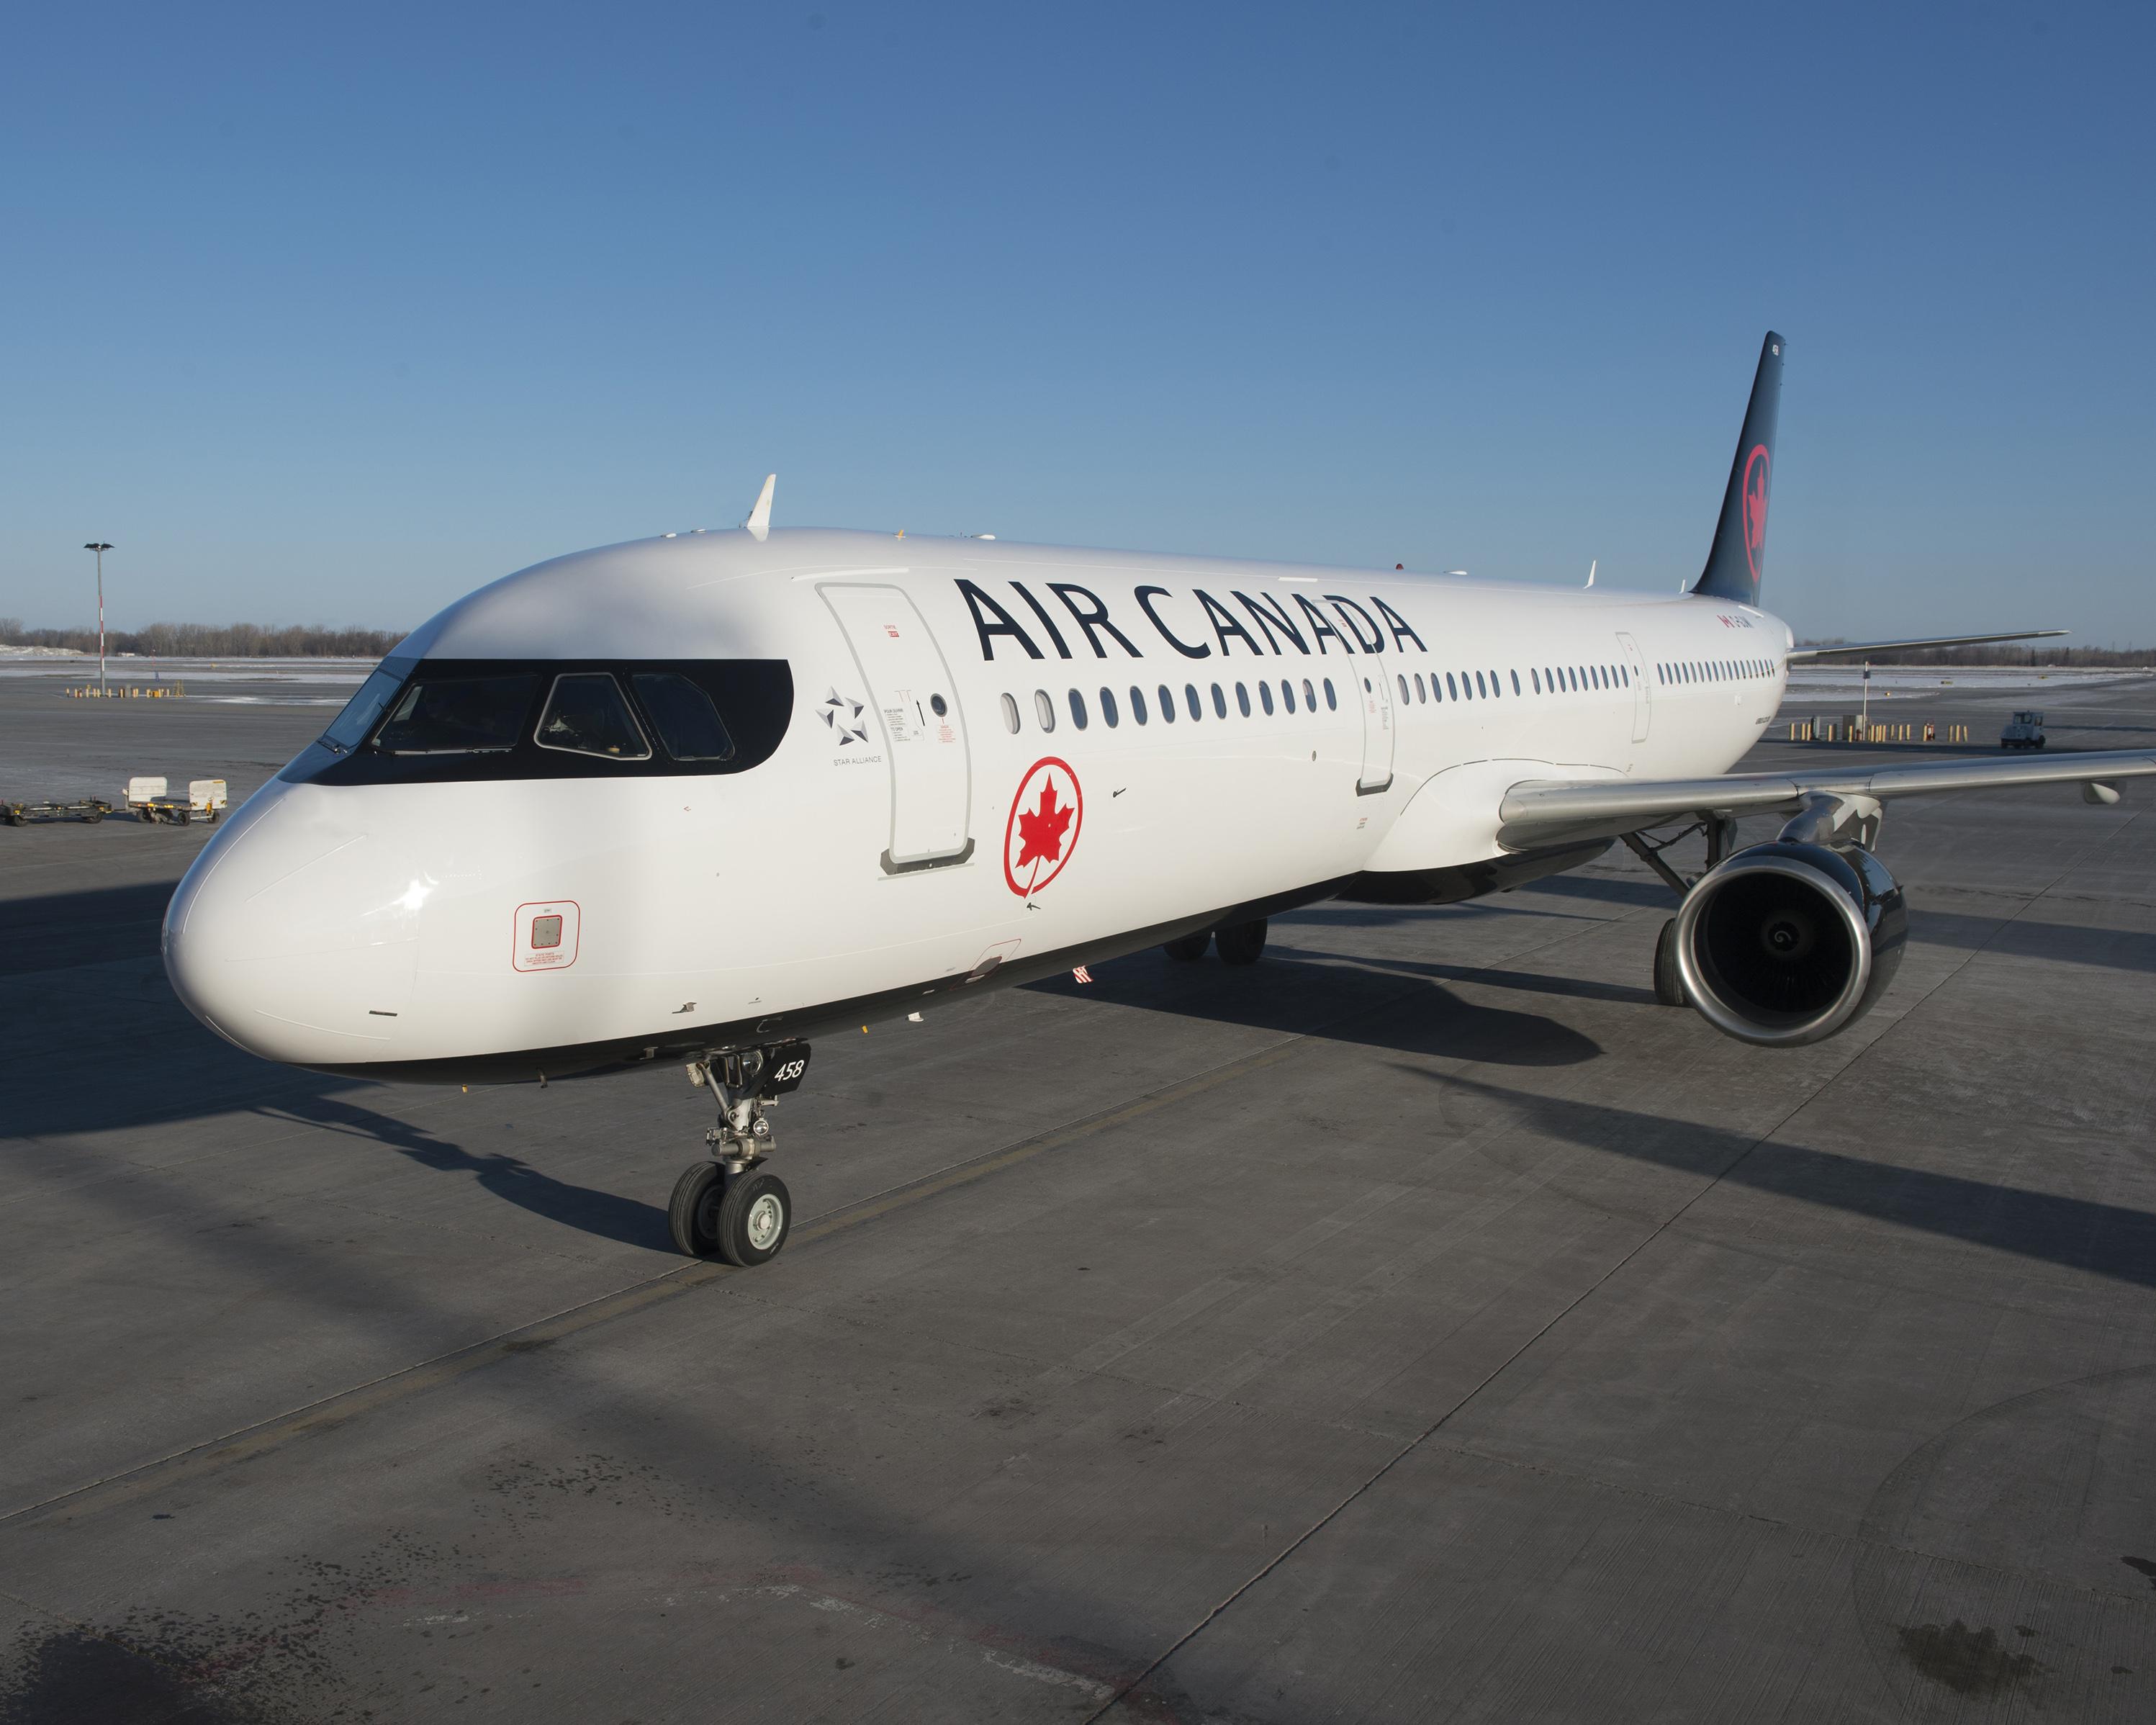 Flyvningen, hvor Air Canada-besætningen glemte en passager på indenrigsflyvning, blev udført med en Airbus A320 eller A321; pressefoto: Air Canada.